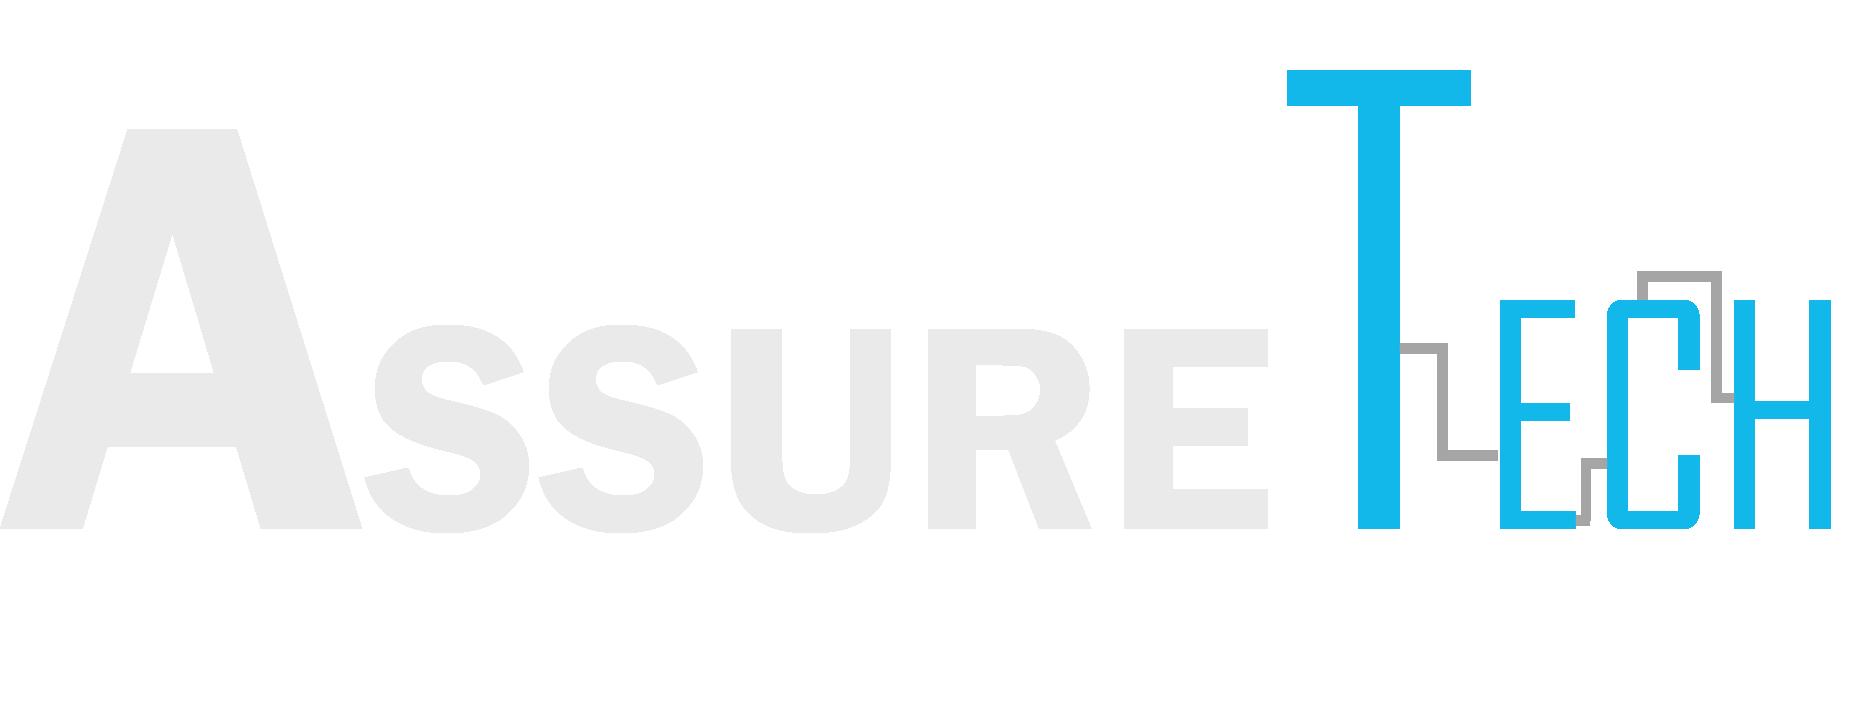 AssureTech Vendor Network